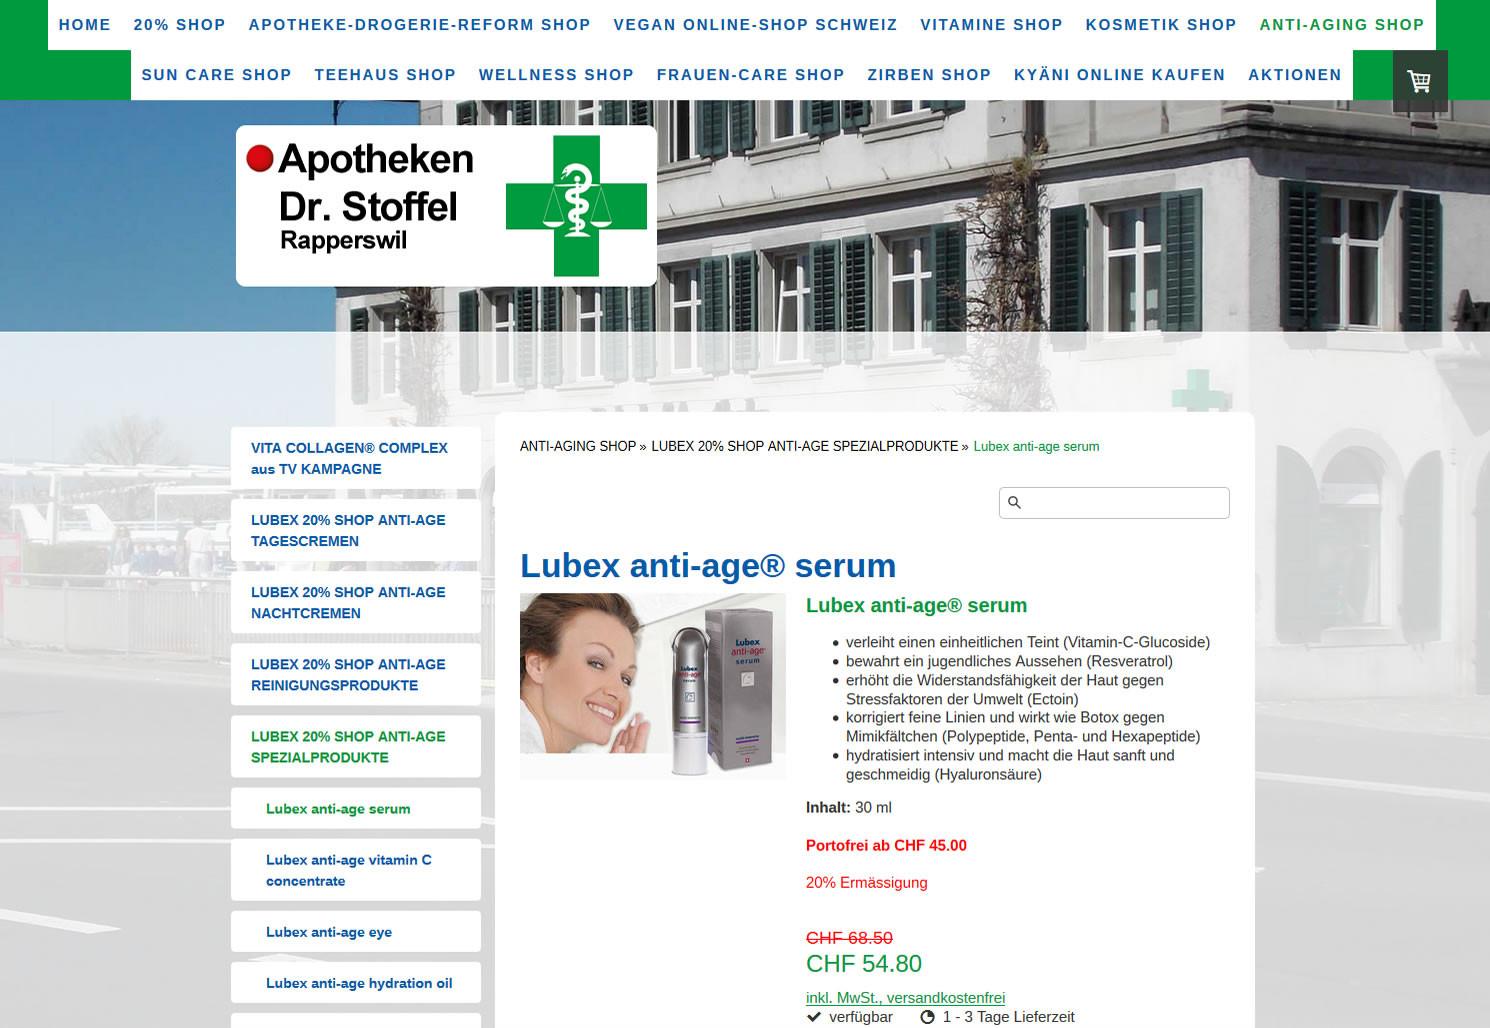 Apotheken Dr. Stoffel, Rapperswil